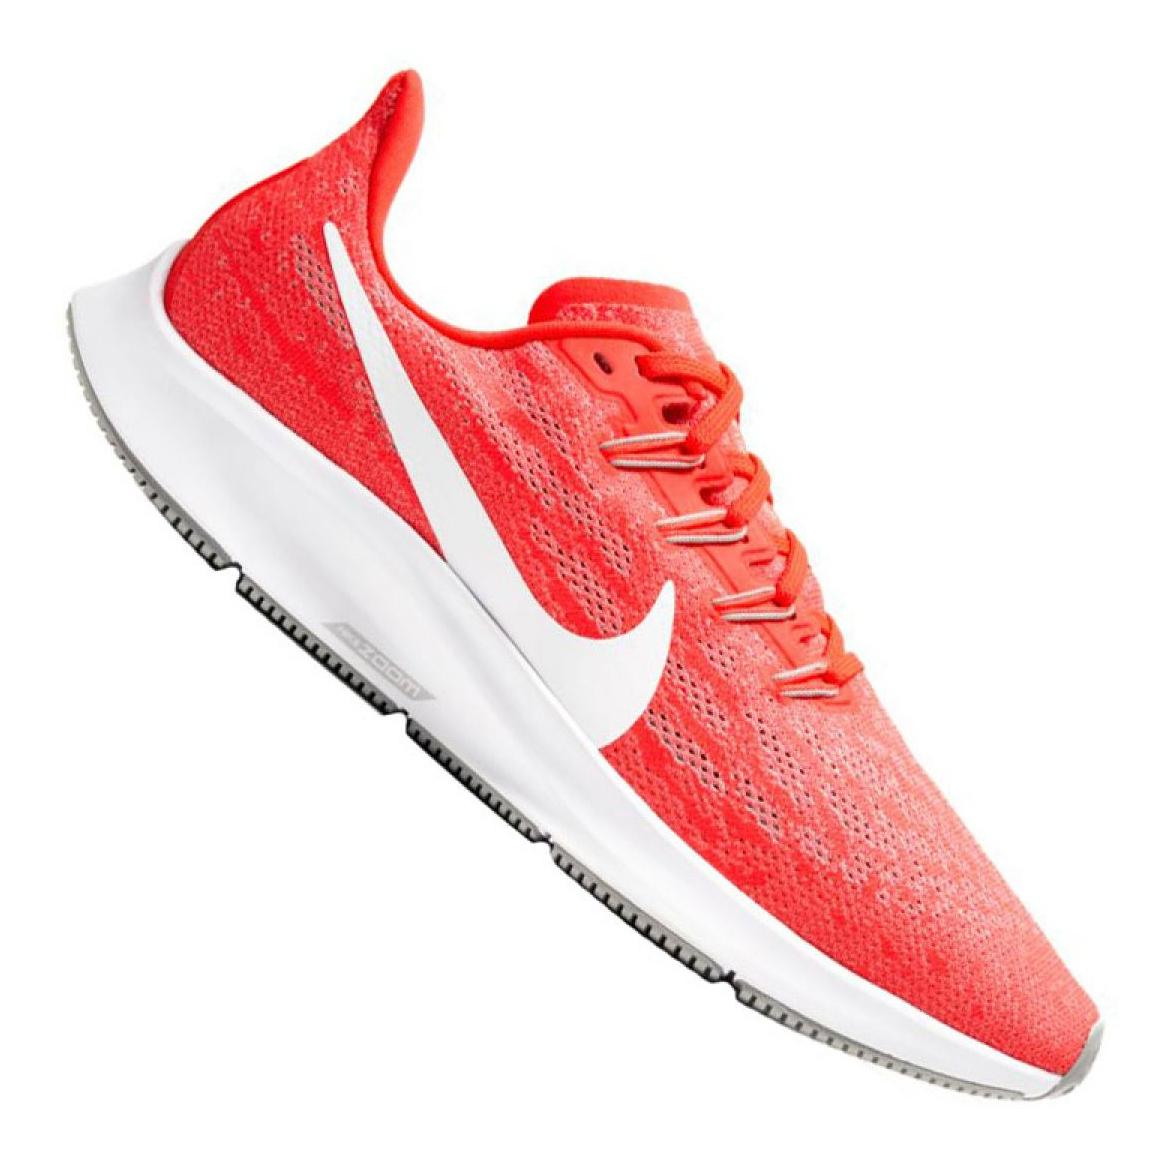 Sapatilhas Nike Air Zoom Pegasus 36 M AQ2203 602 vermelho